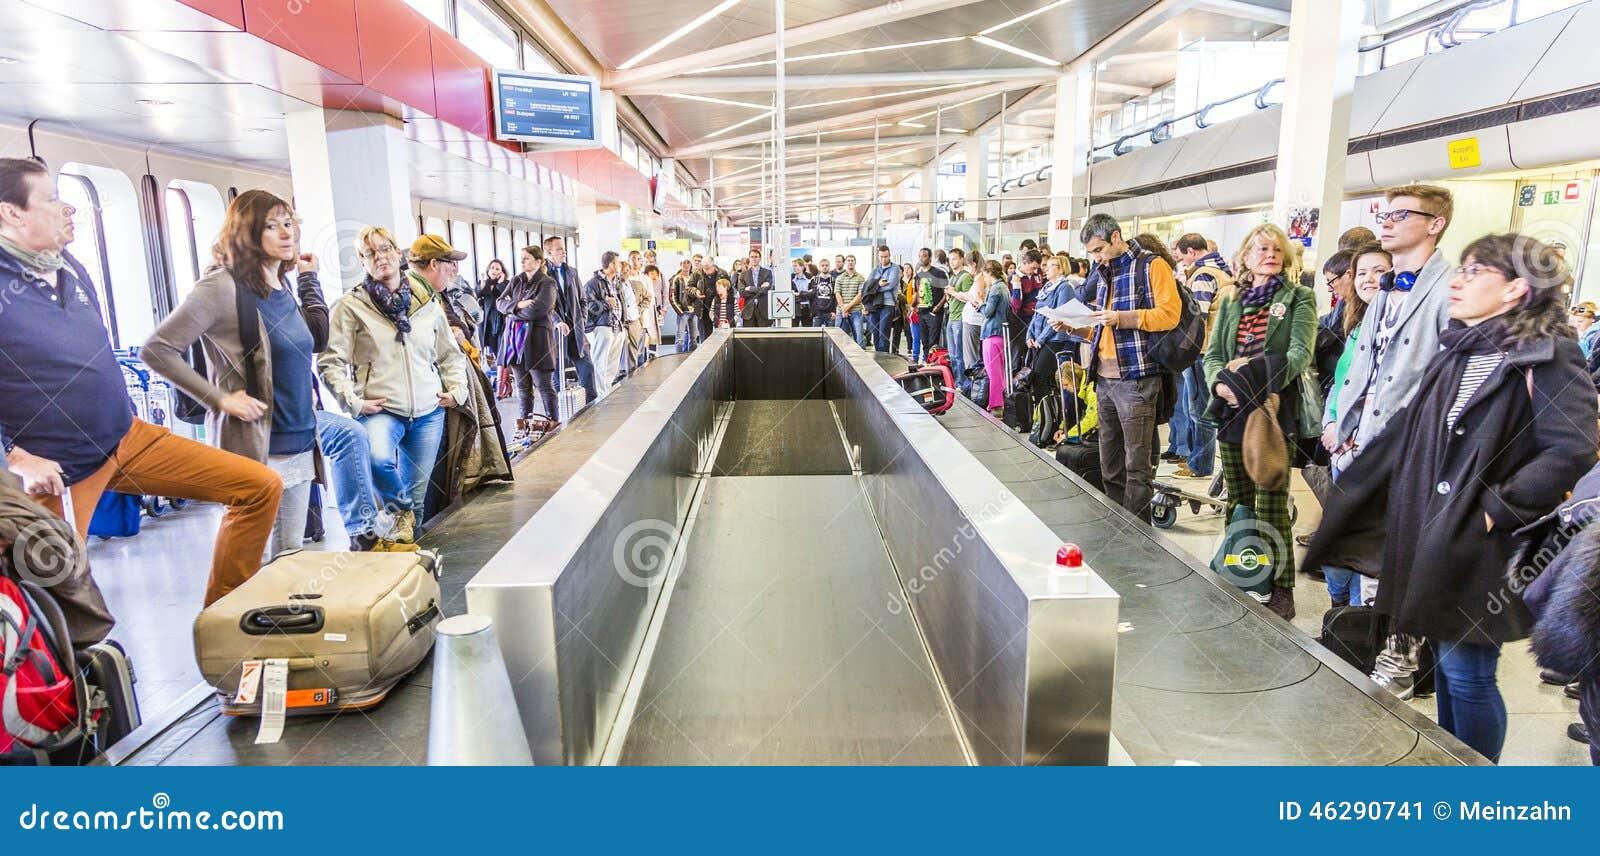 Passagiere am gep ck karussell am flughafen tegel for Flughafen tegel